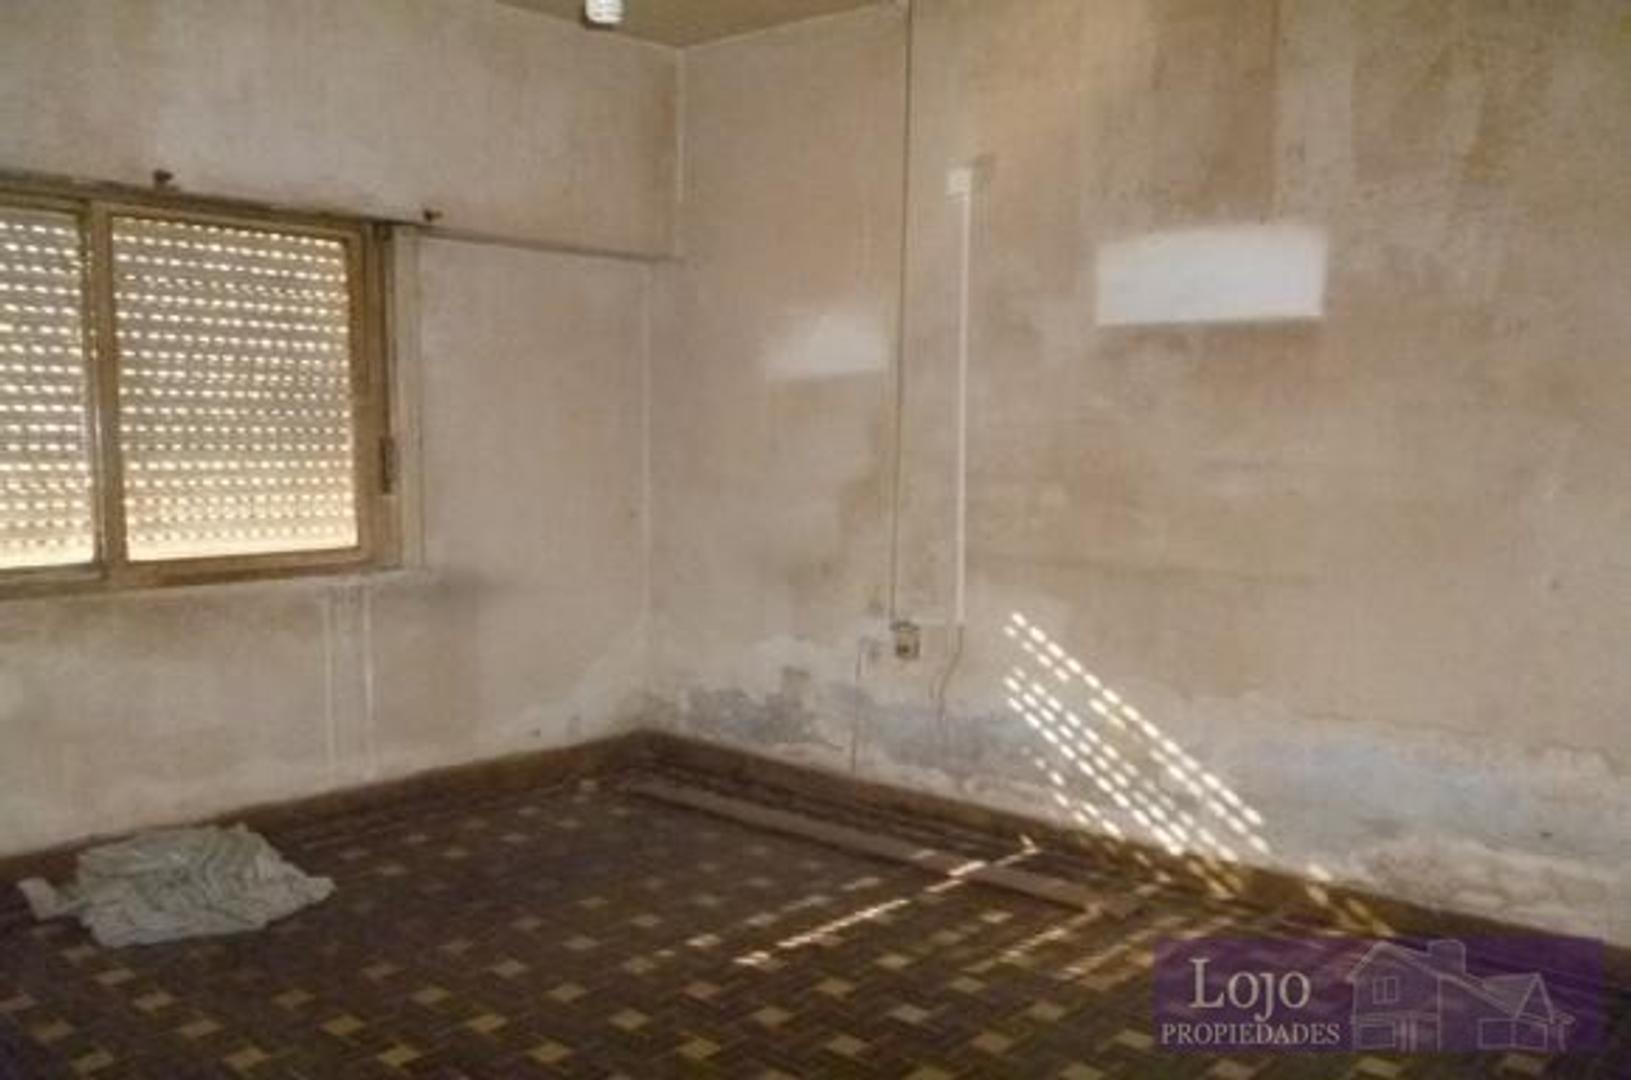 Casa - 80 m² | 2 dormitorios | 1 baño